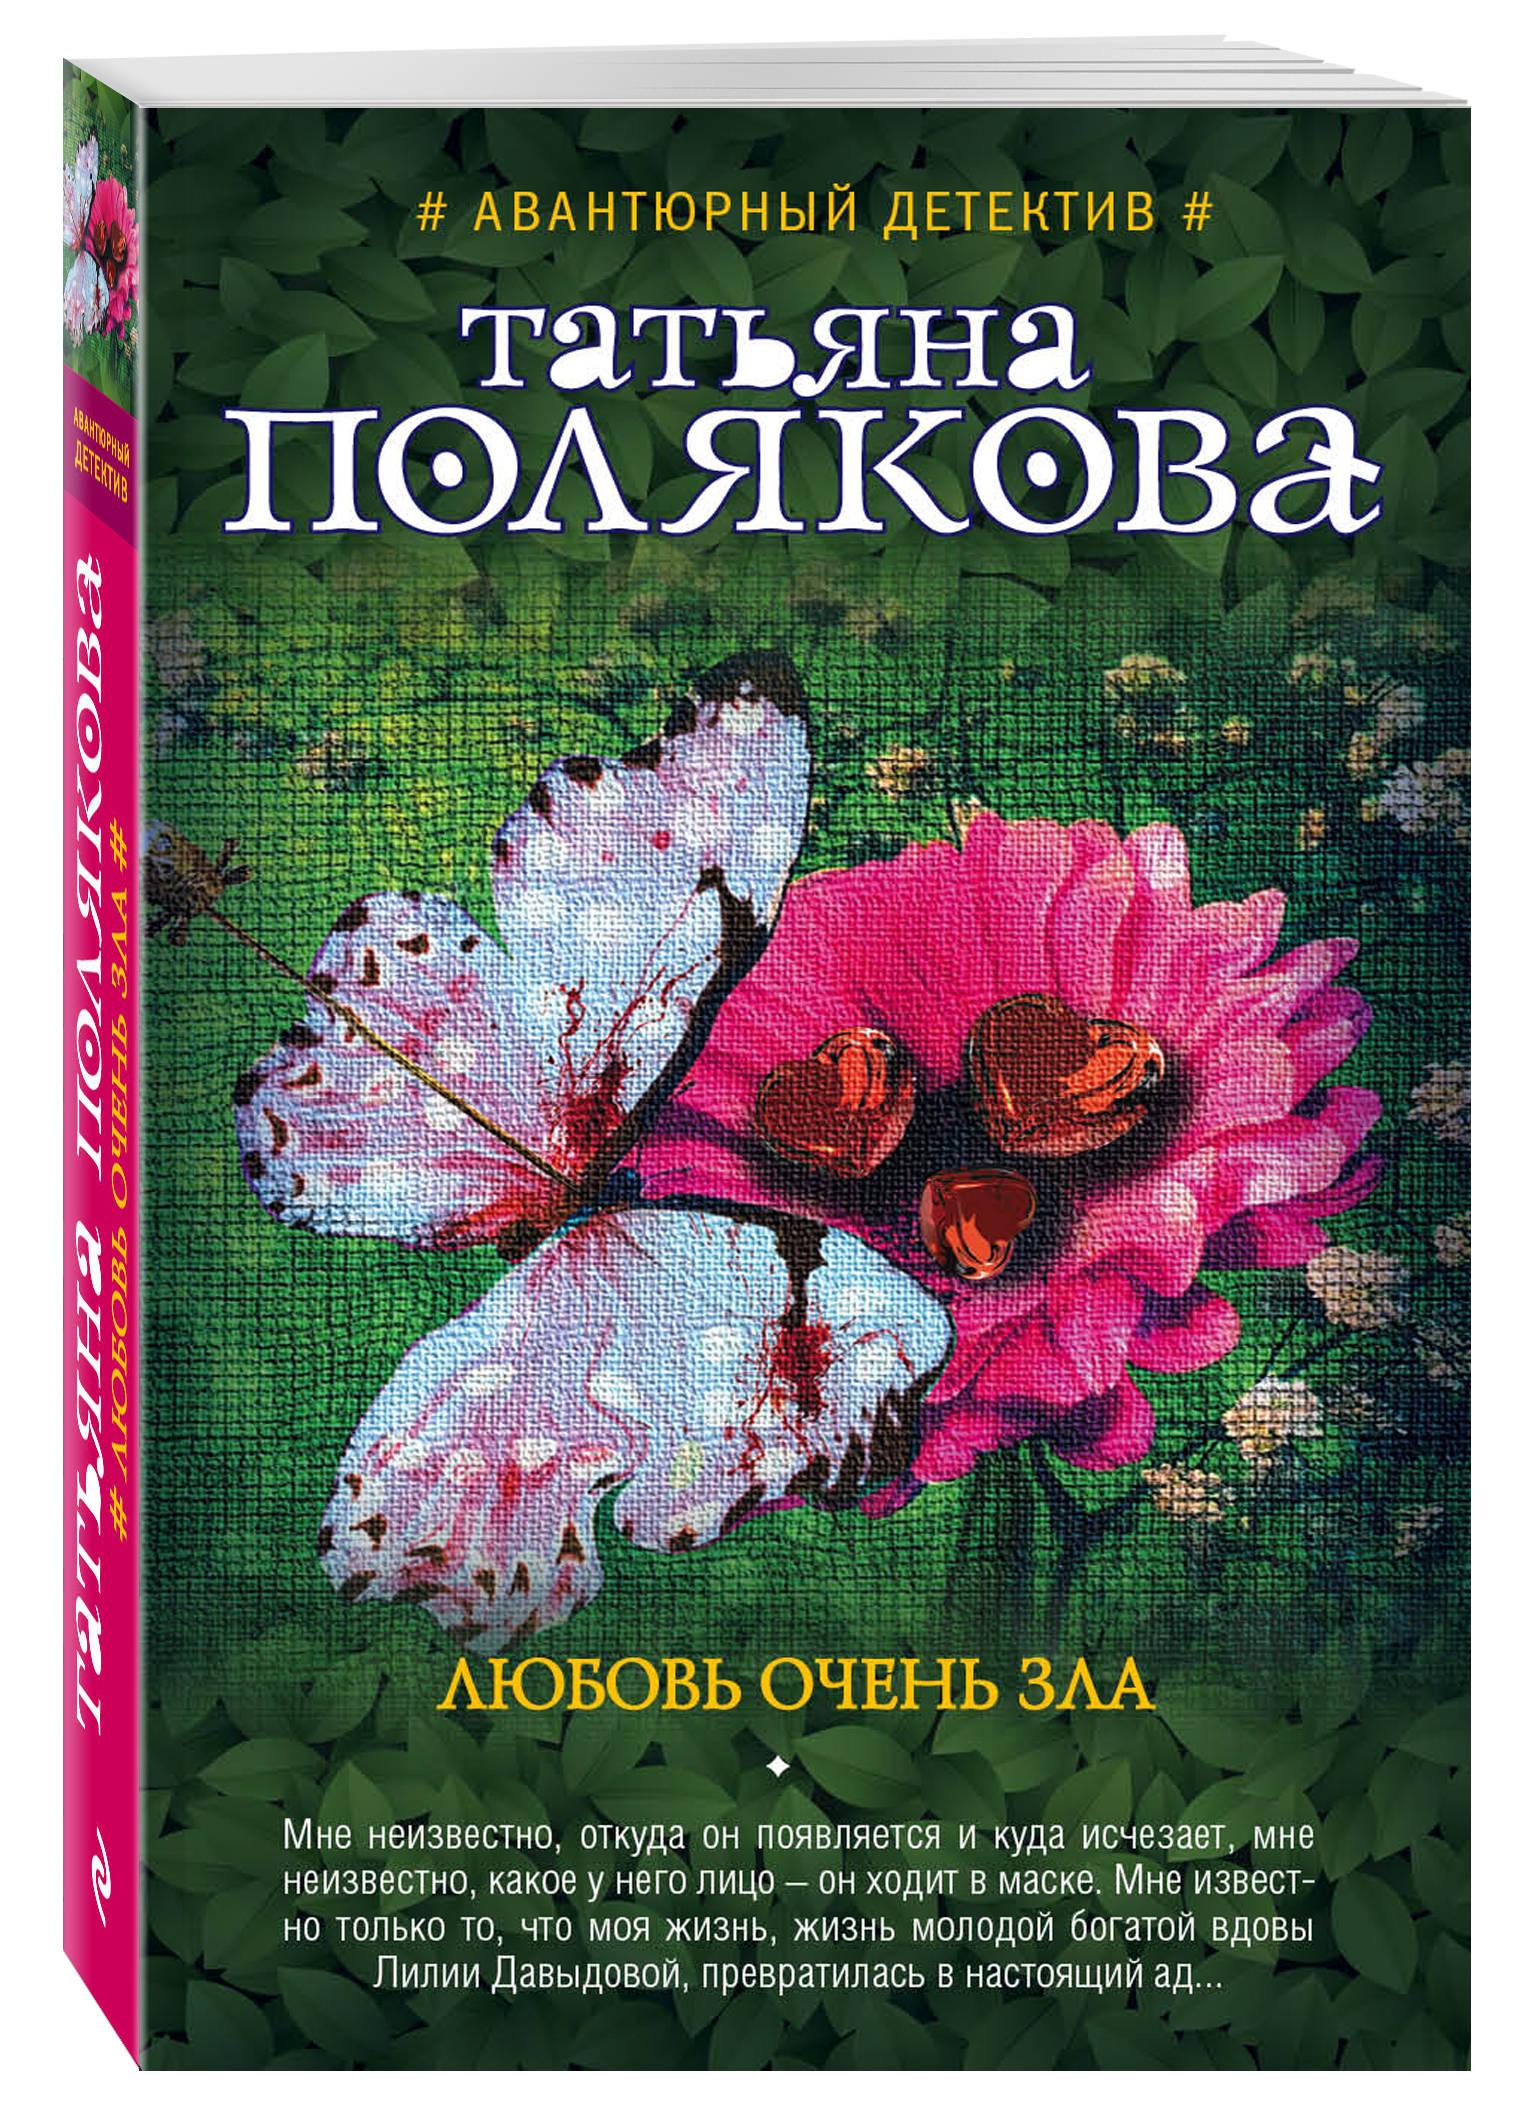 Полякова Т.В. Любовь очень зла ISBN: 978-5-699-97104-6 затащи меня в ад